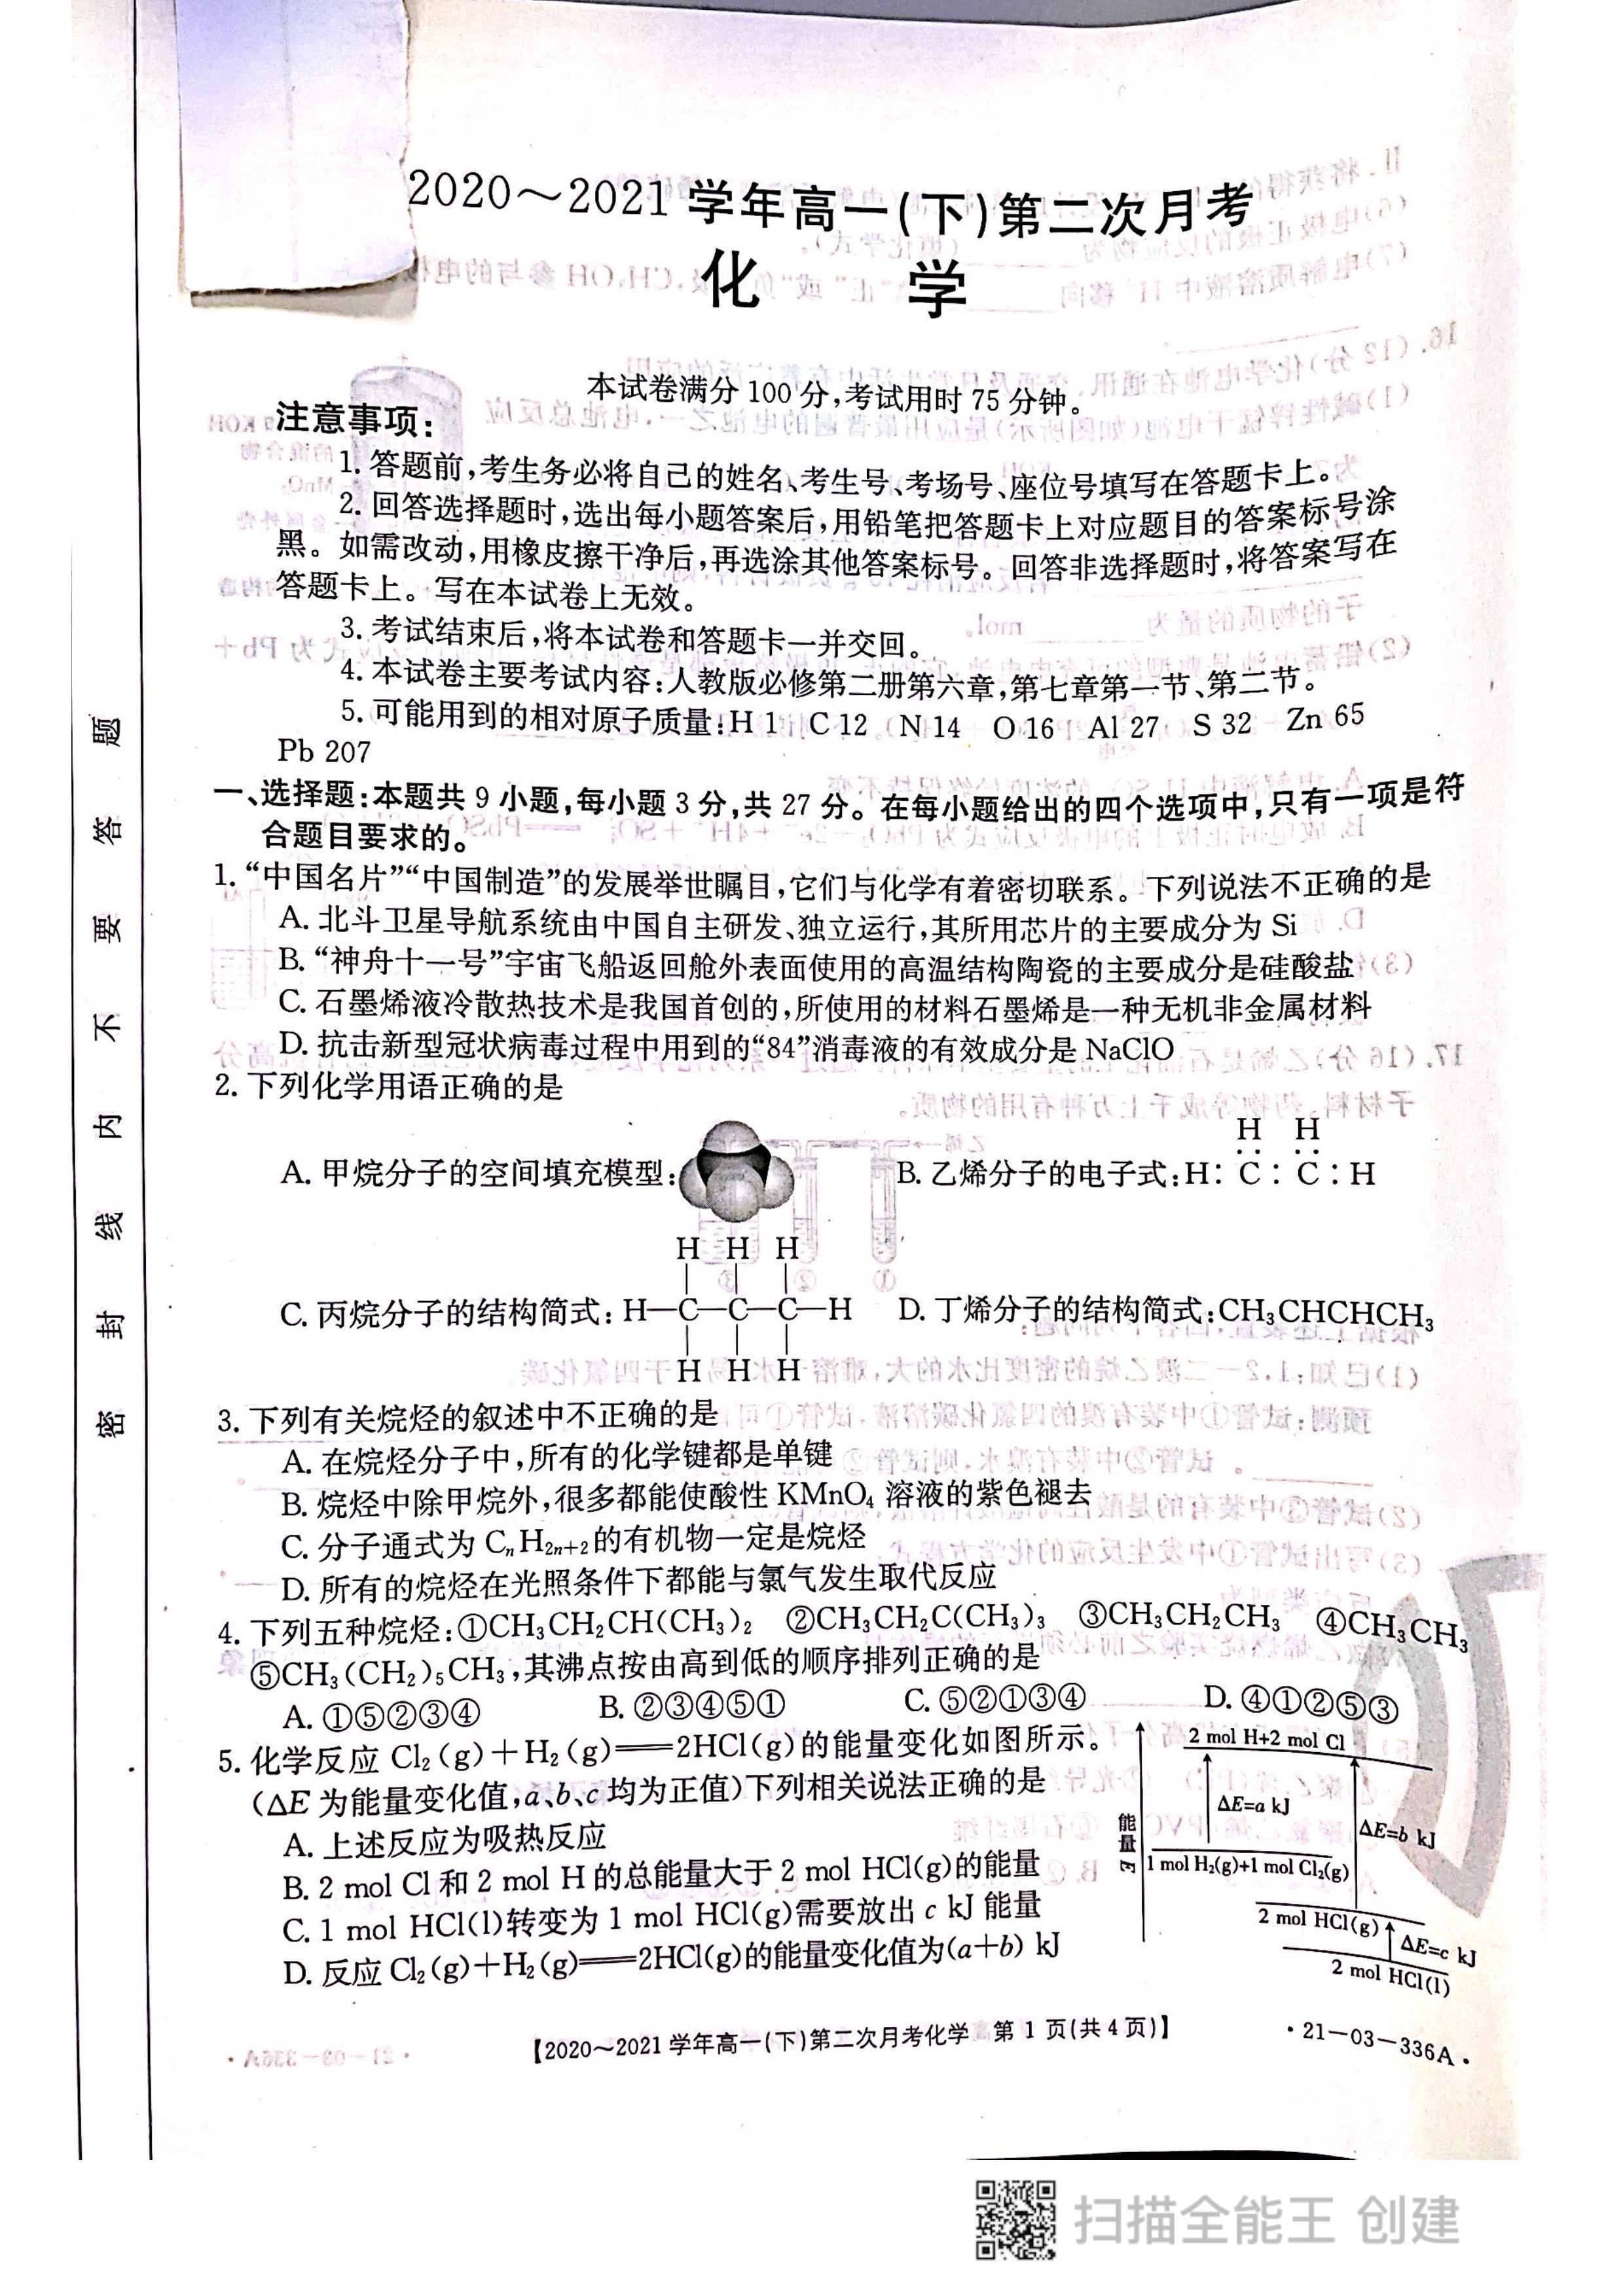 河北省定州市2020-2021学年高二下学期期中考试化学试题 扫描版含答案